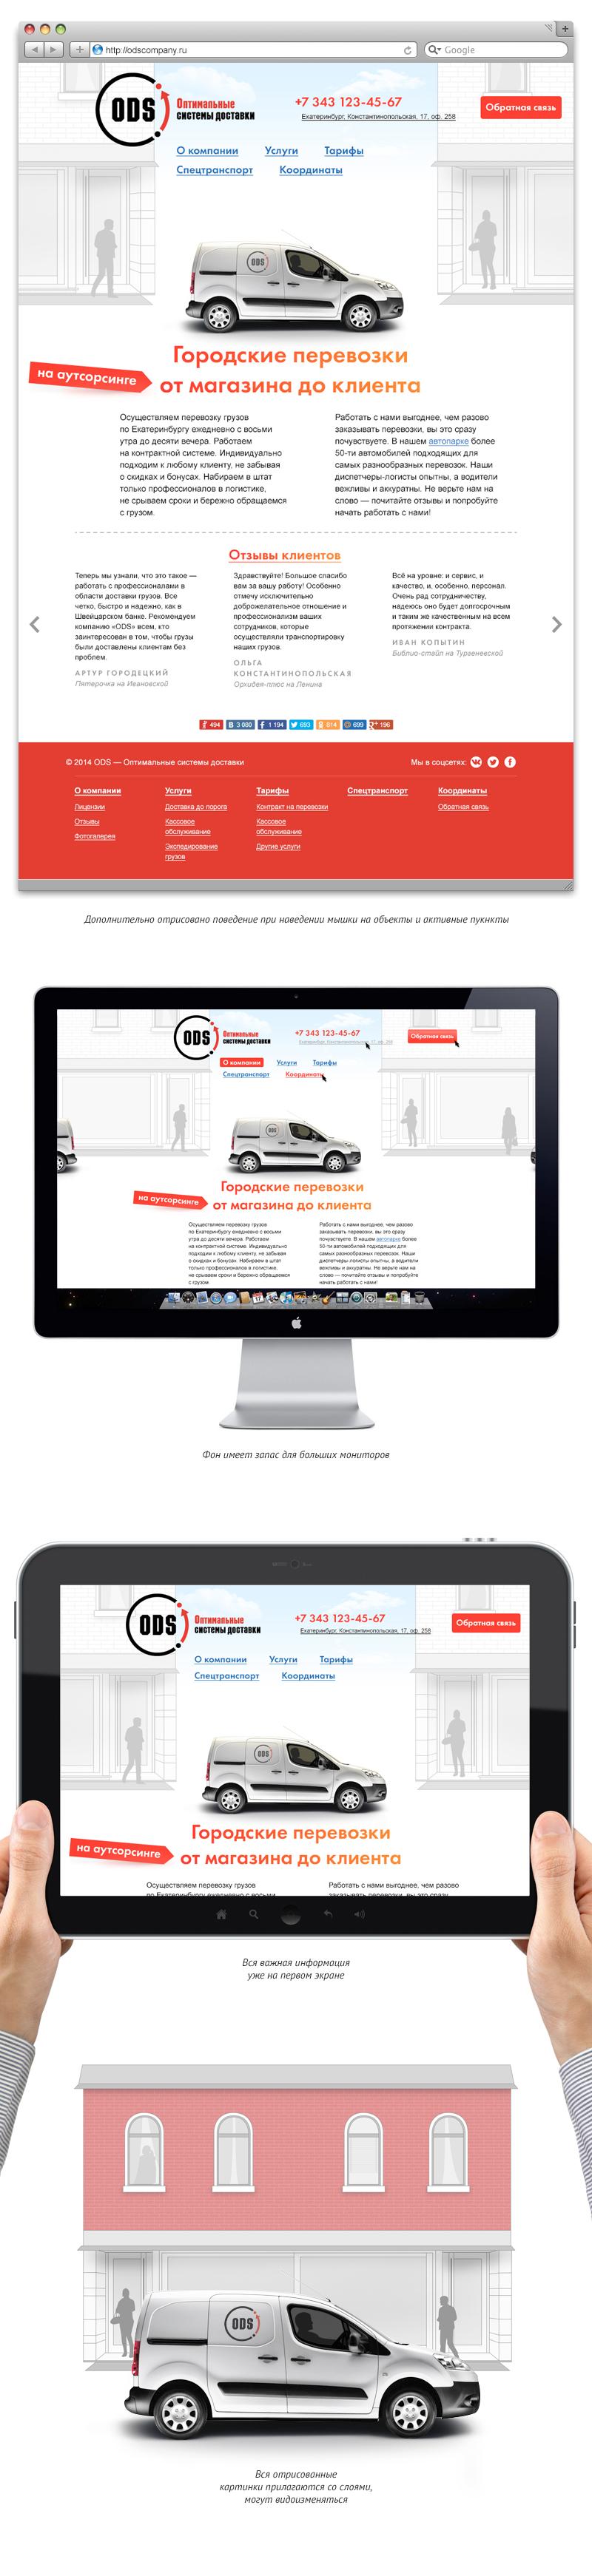 Дизайн сайта-визитки для транспортной компании фото f_67553ce9ce492c2d.jpg